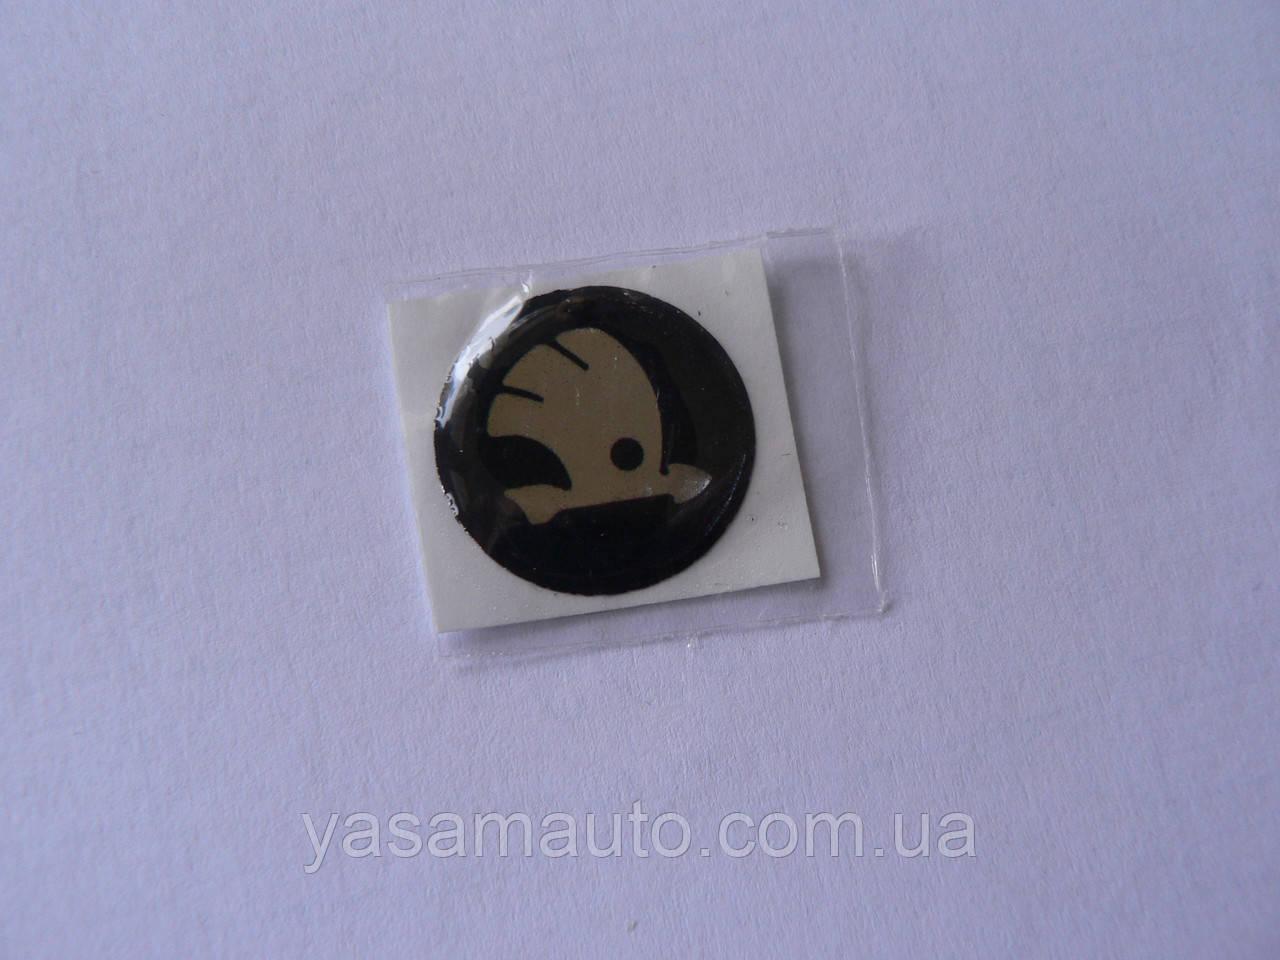 Наклейка s круглая Skoda 20х20х1.2мм серебристая силиконовая эмблема Шкода в круге на авто  Уценка